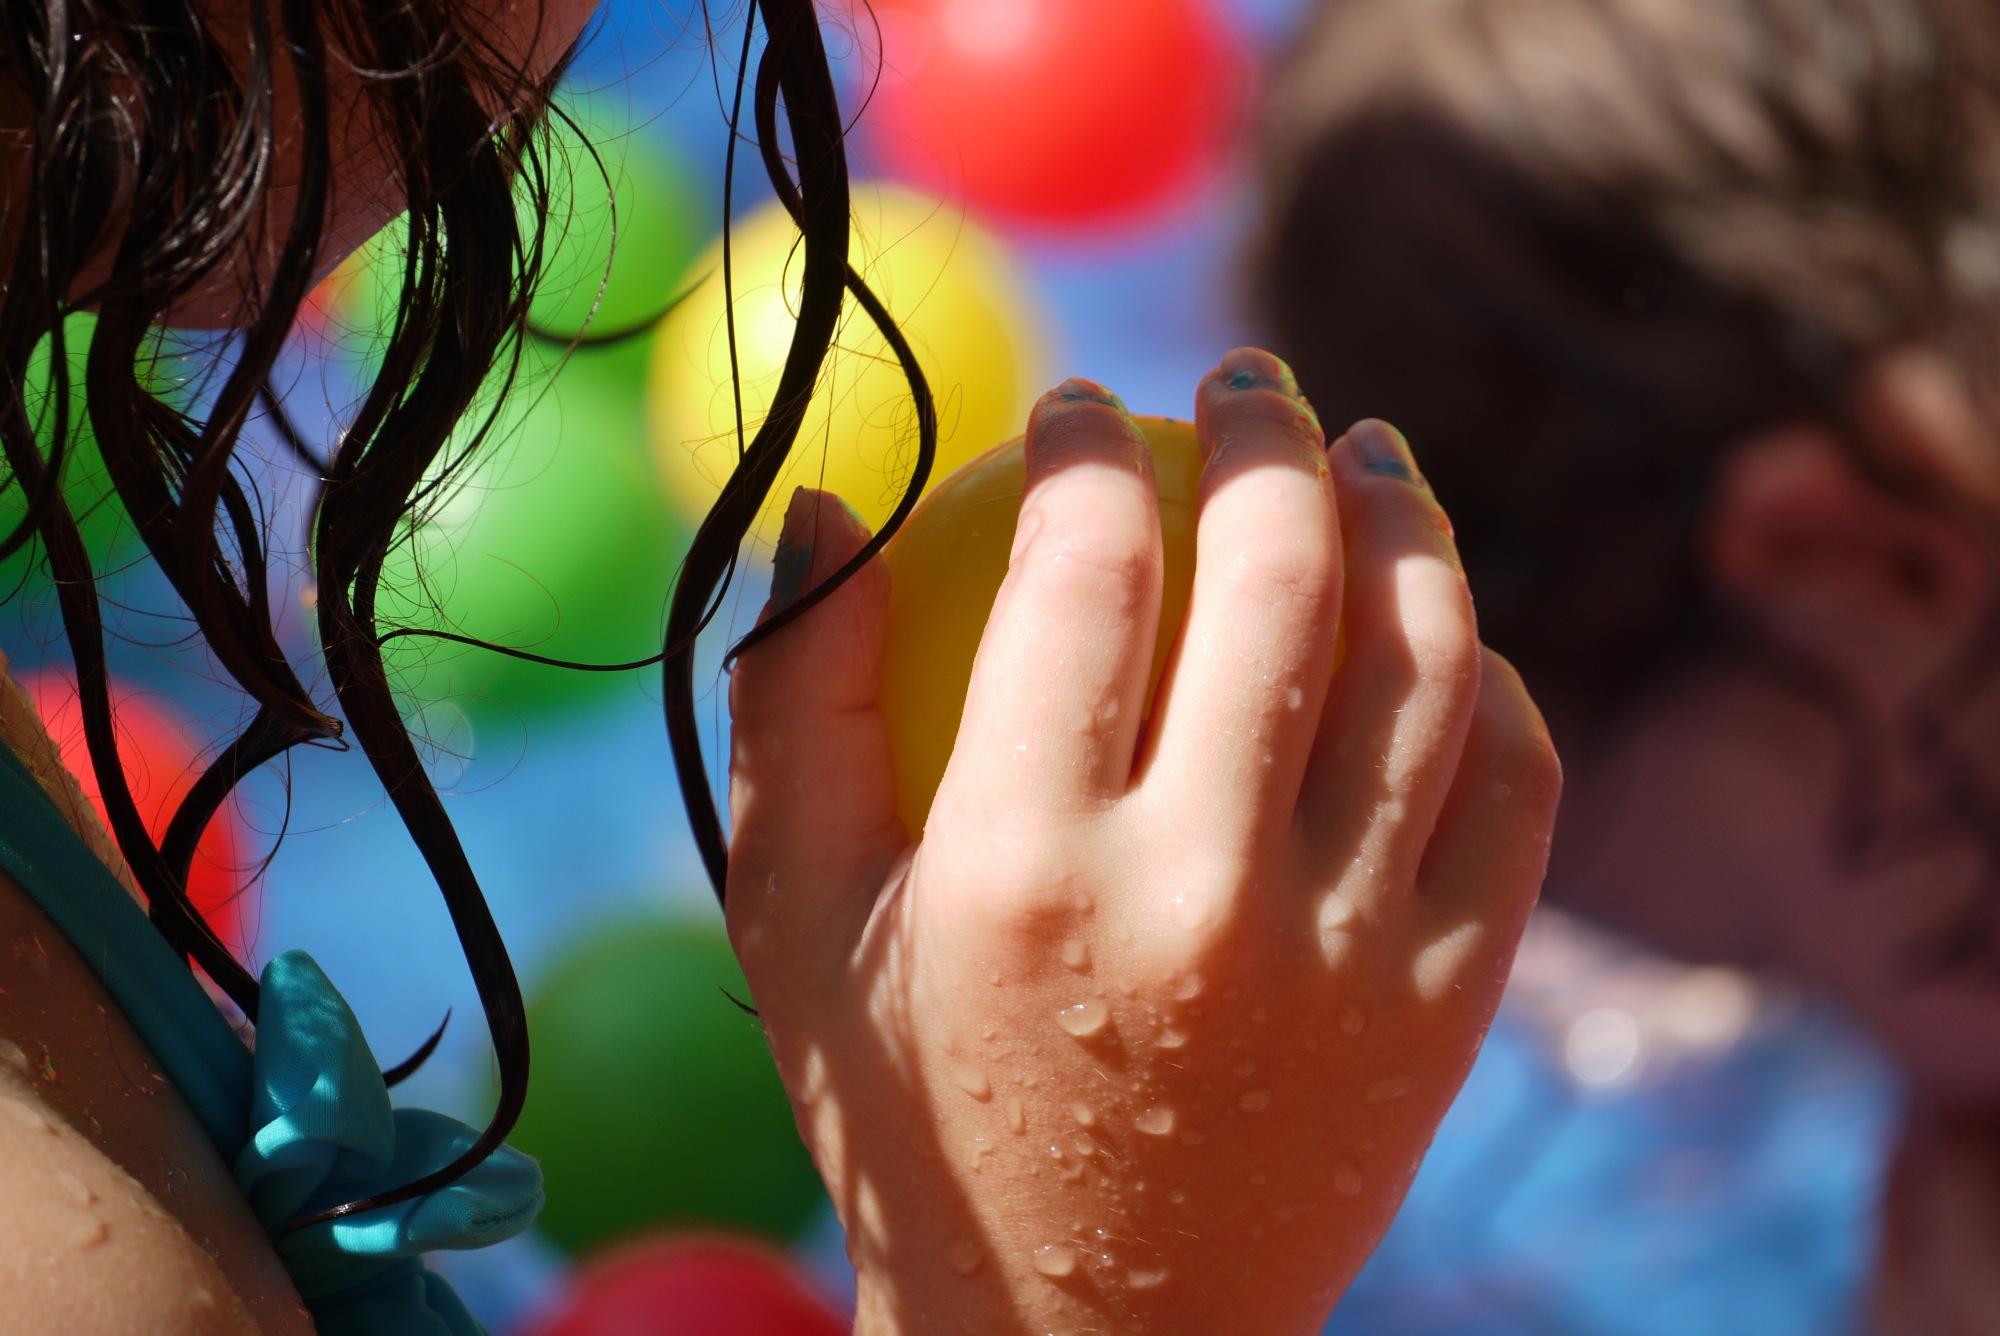 Jeux d'eau gonflables: à retenir pour les anniversaires d'été!